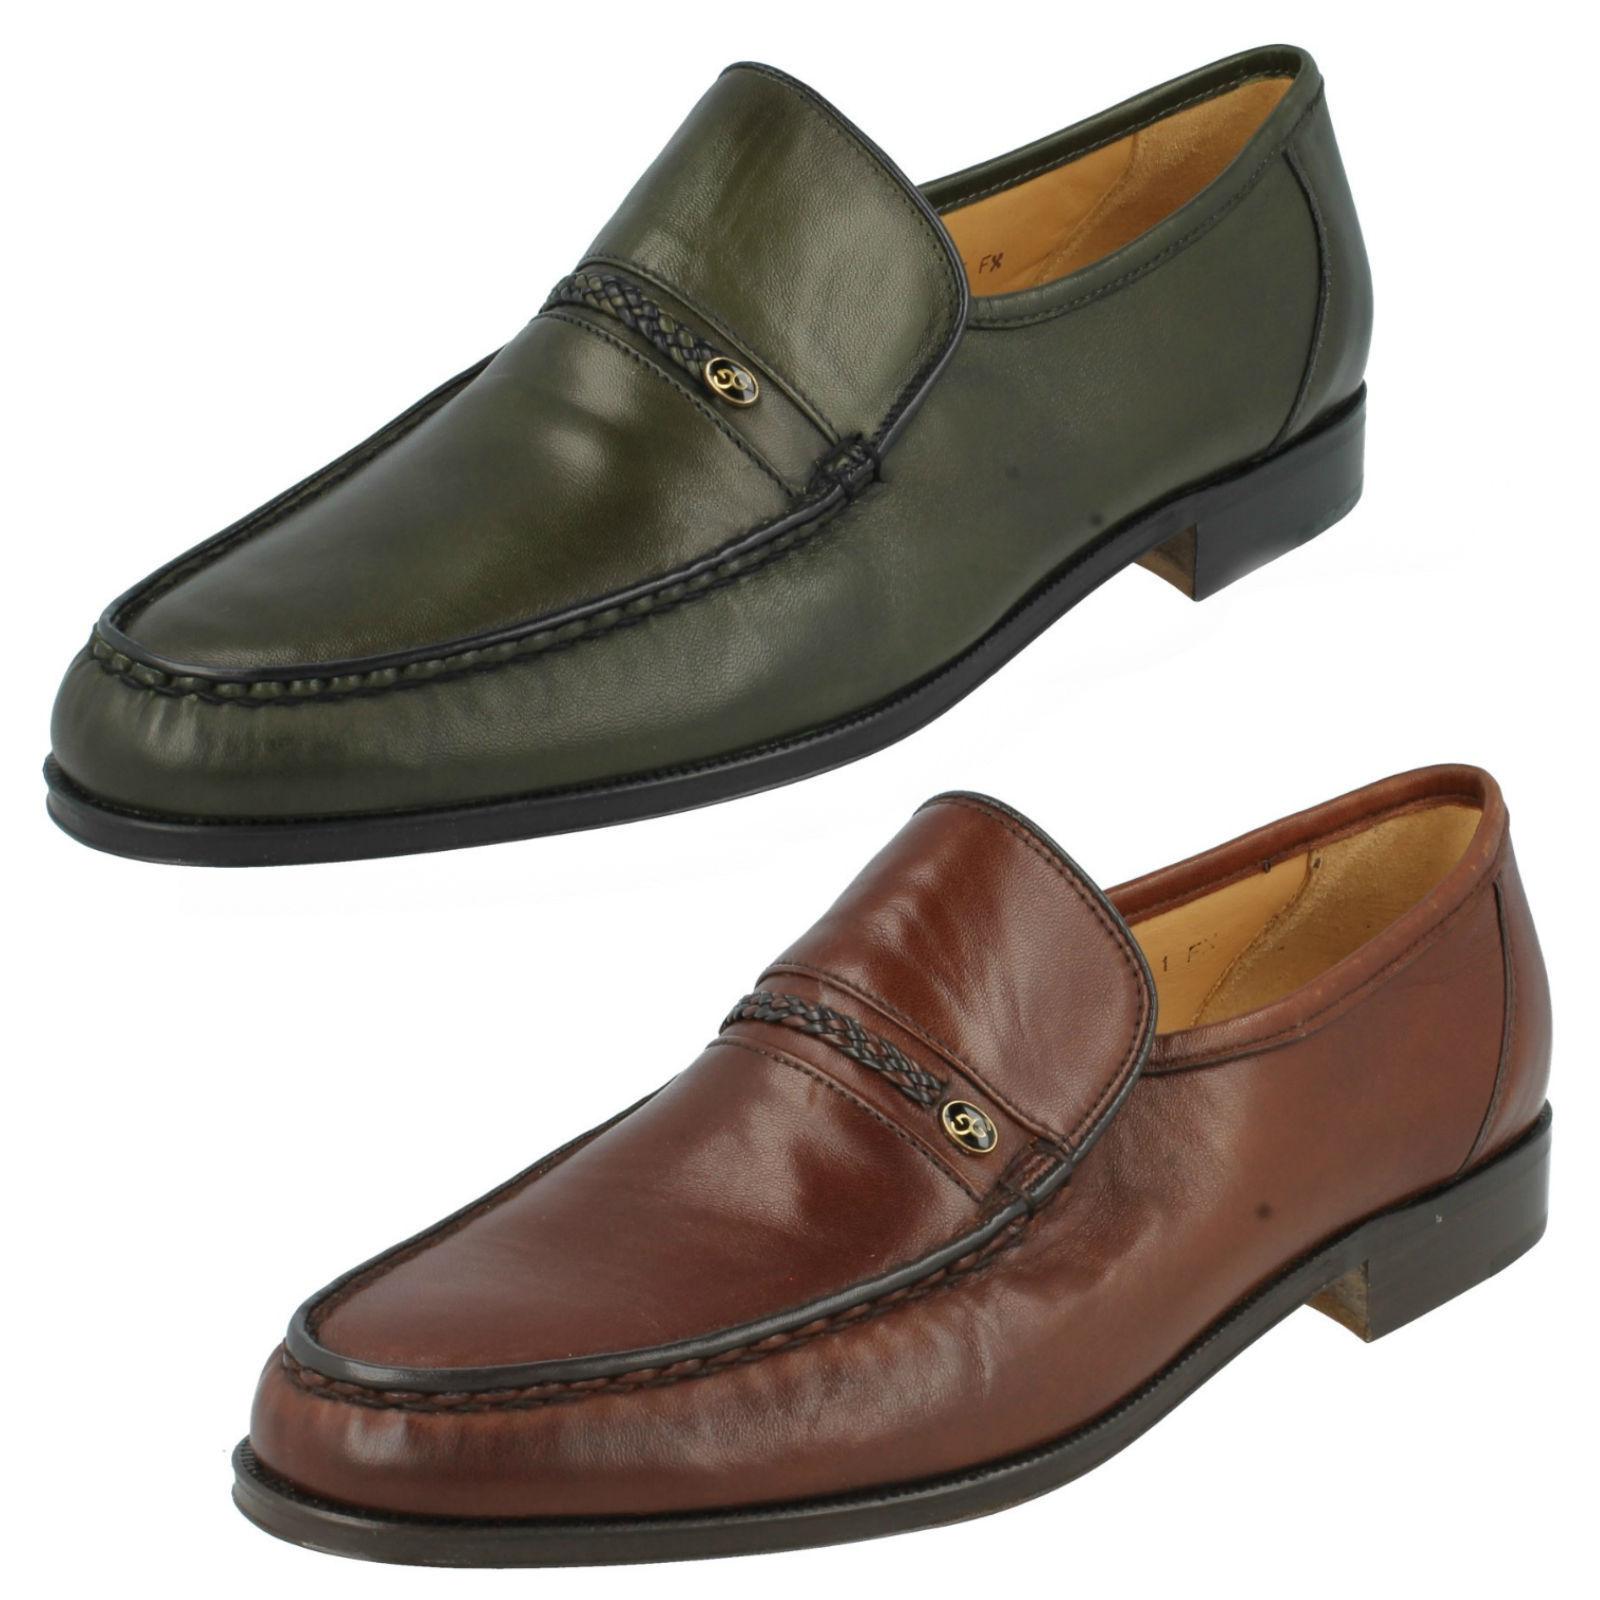 Hombre Grenson DE PIEL SIN CIERRES MOCASIN ELEGANTE Formal Zapatos AMOS talla UK